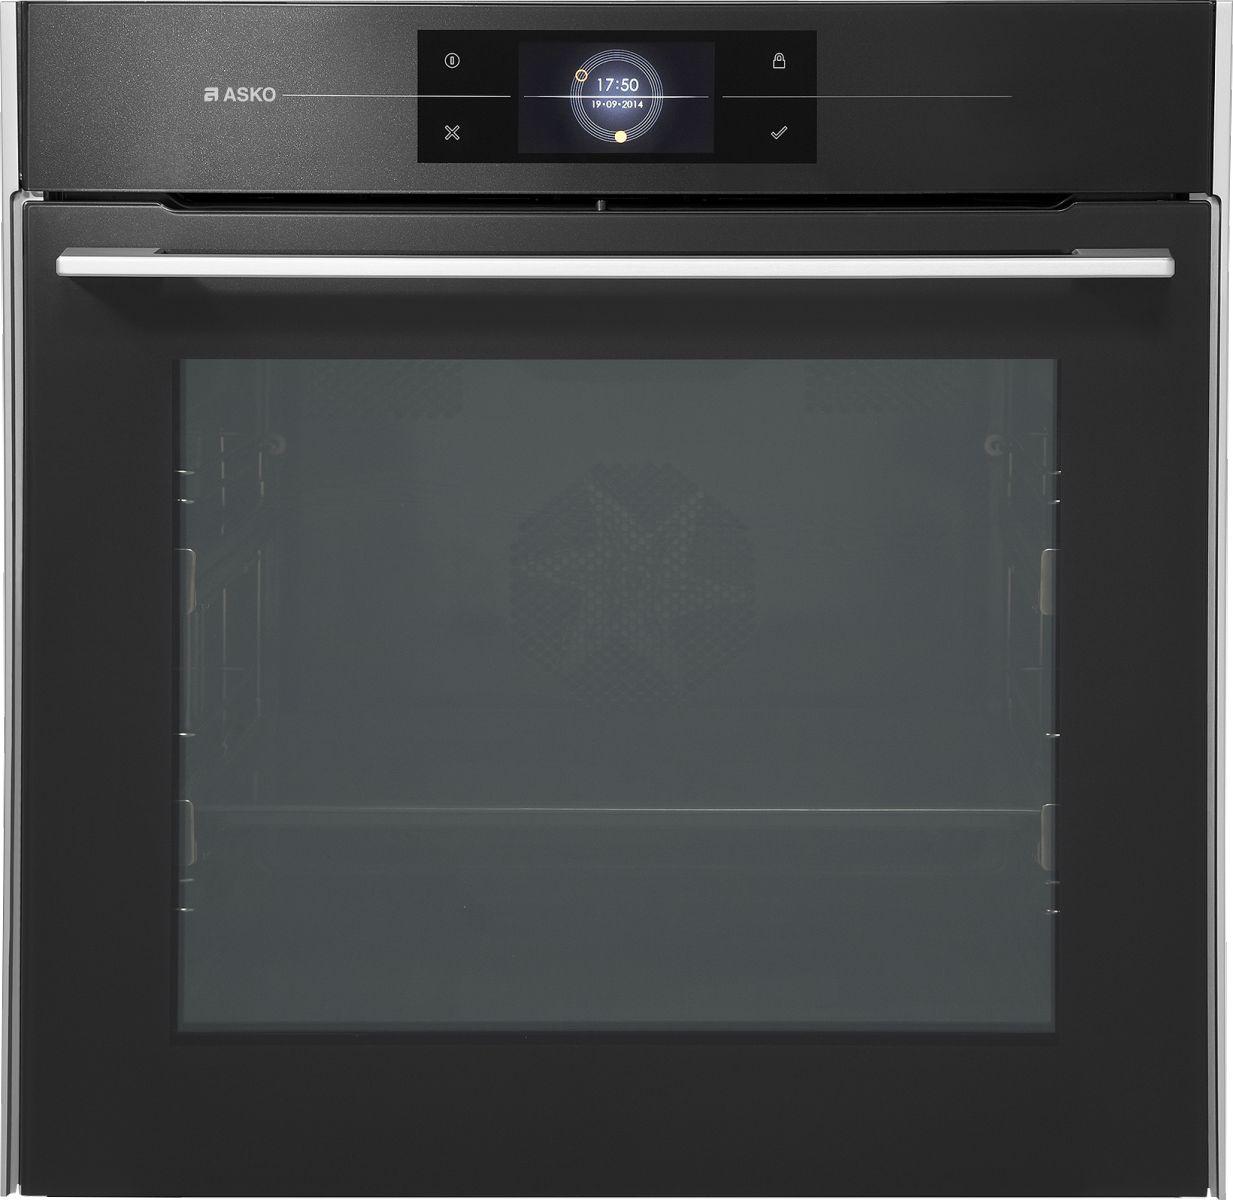 Op8678g Asko Appliances